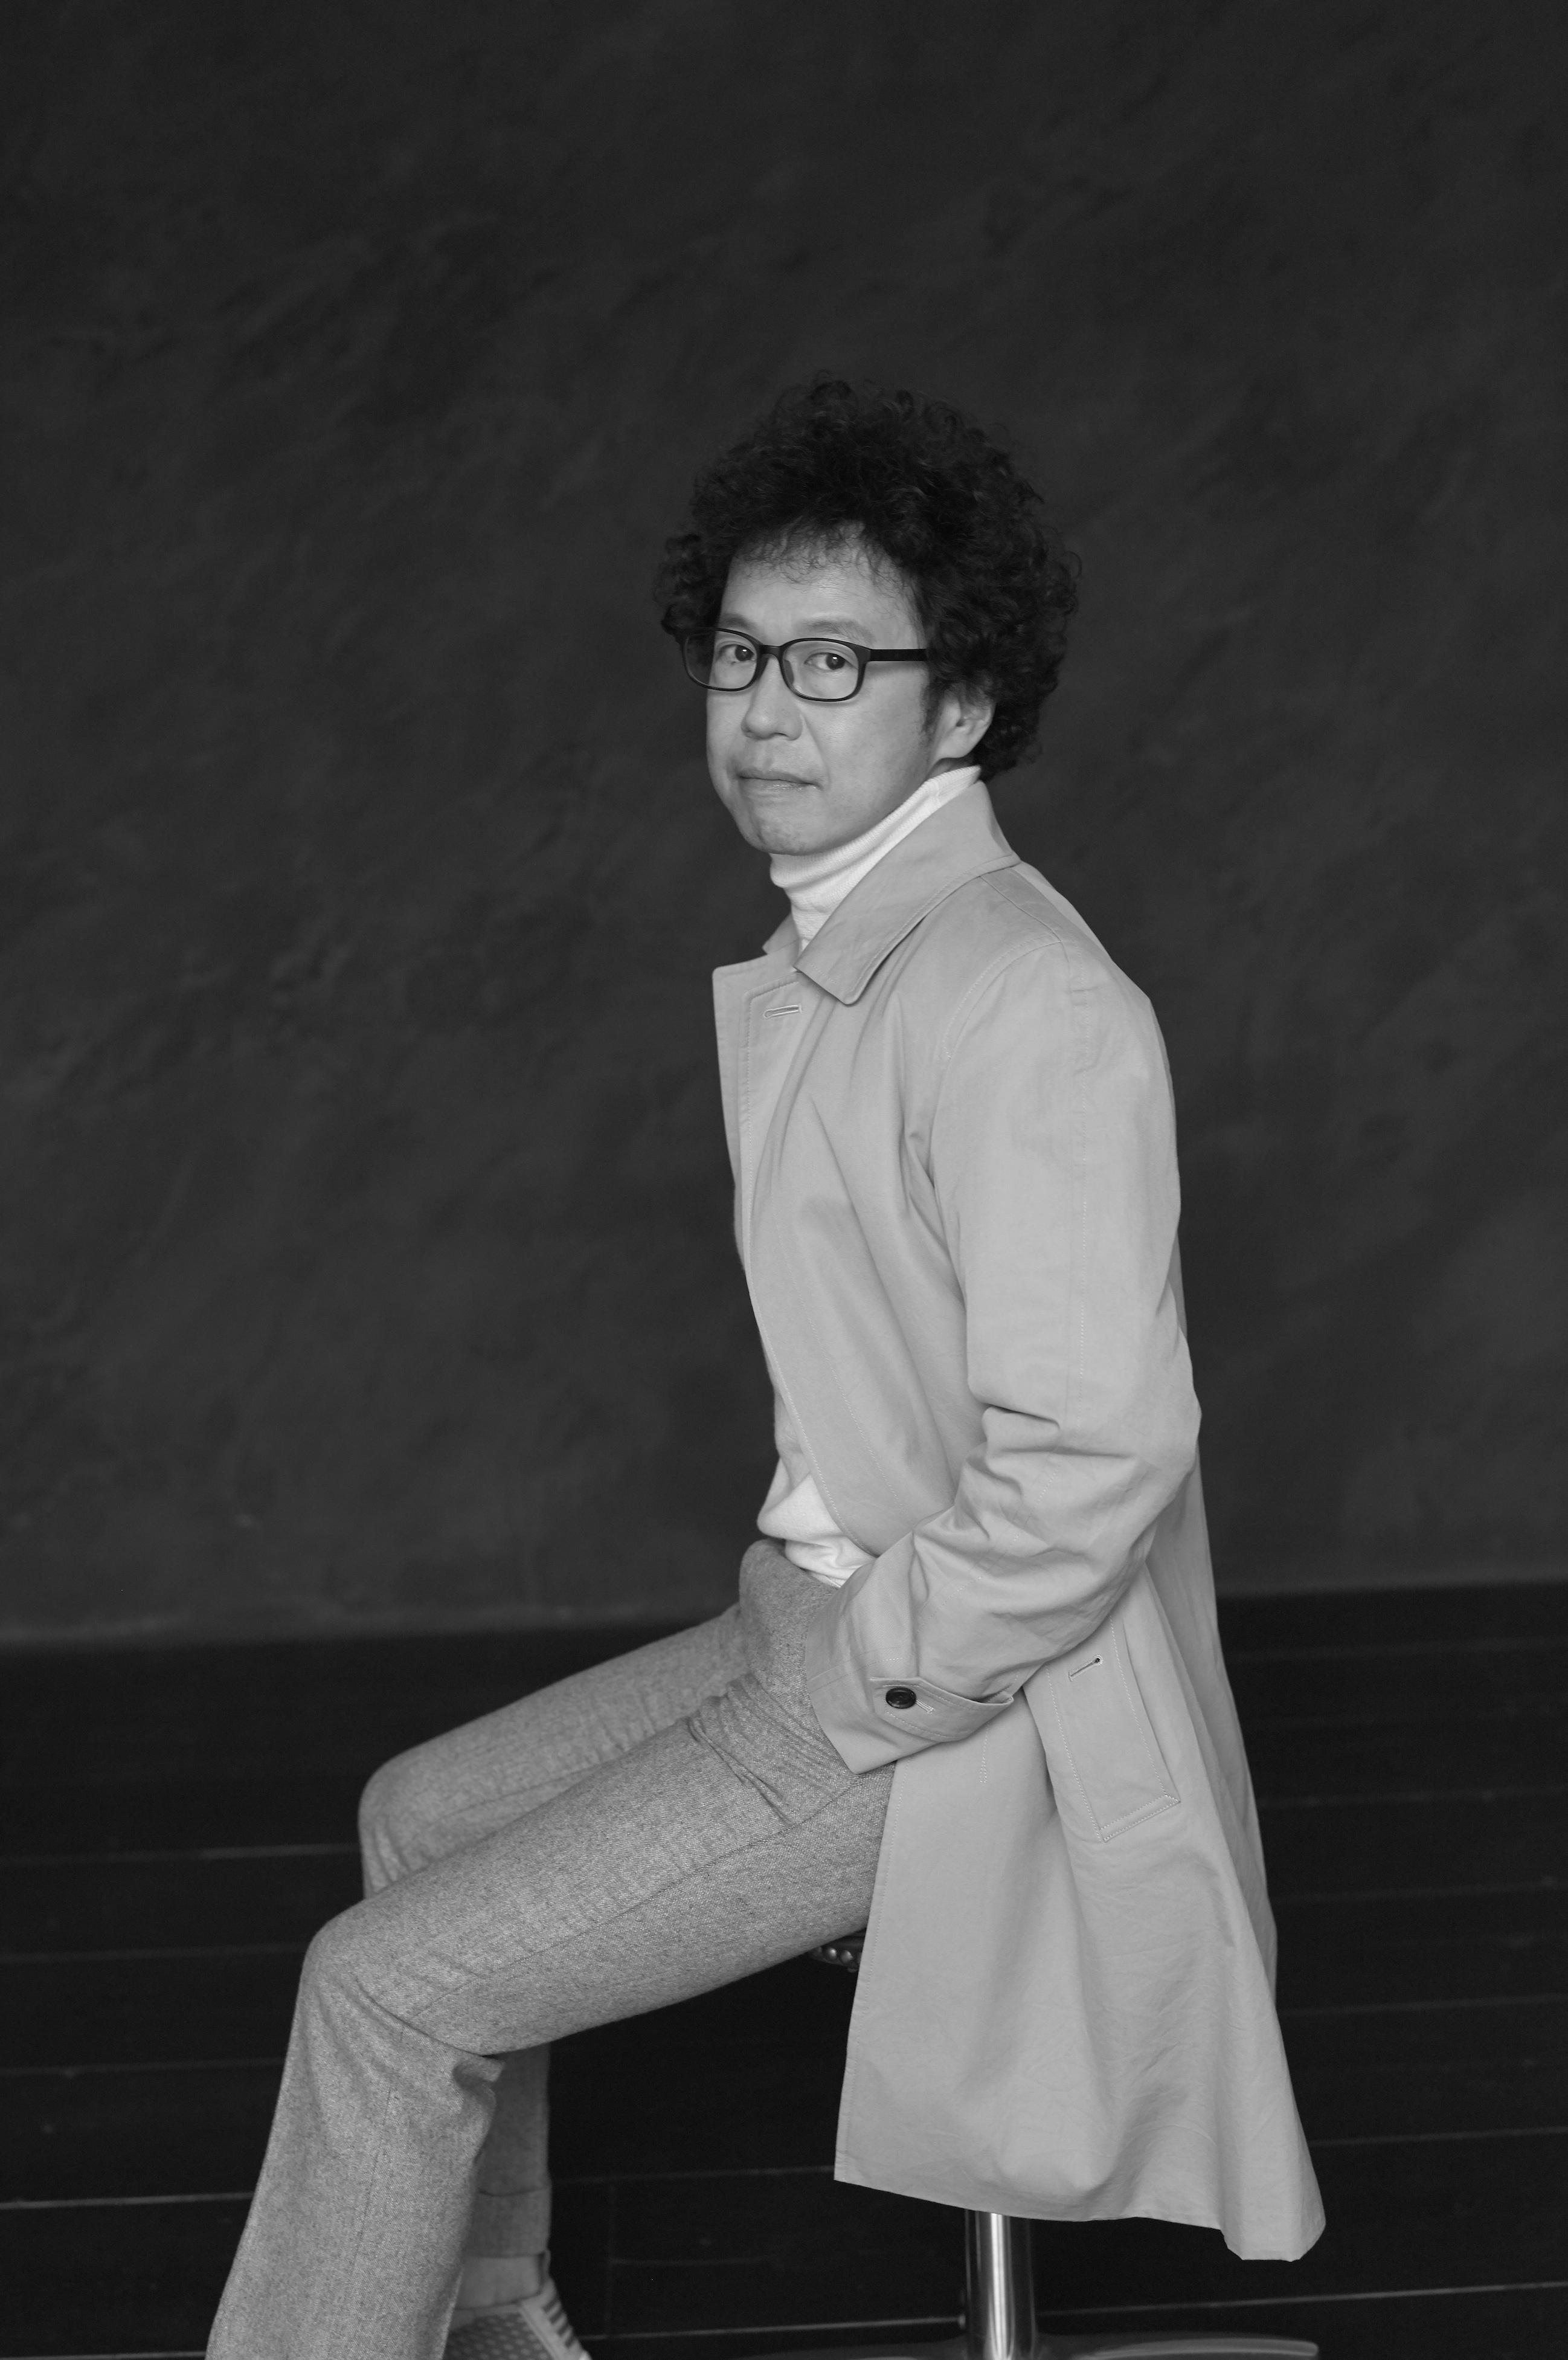 著述家、クリエイター、バァフアウト!創立者の山崎二郎が、新しくなったSANYOCOATの「Coat for Life」キャンペーンに参画